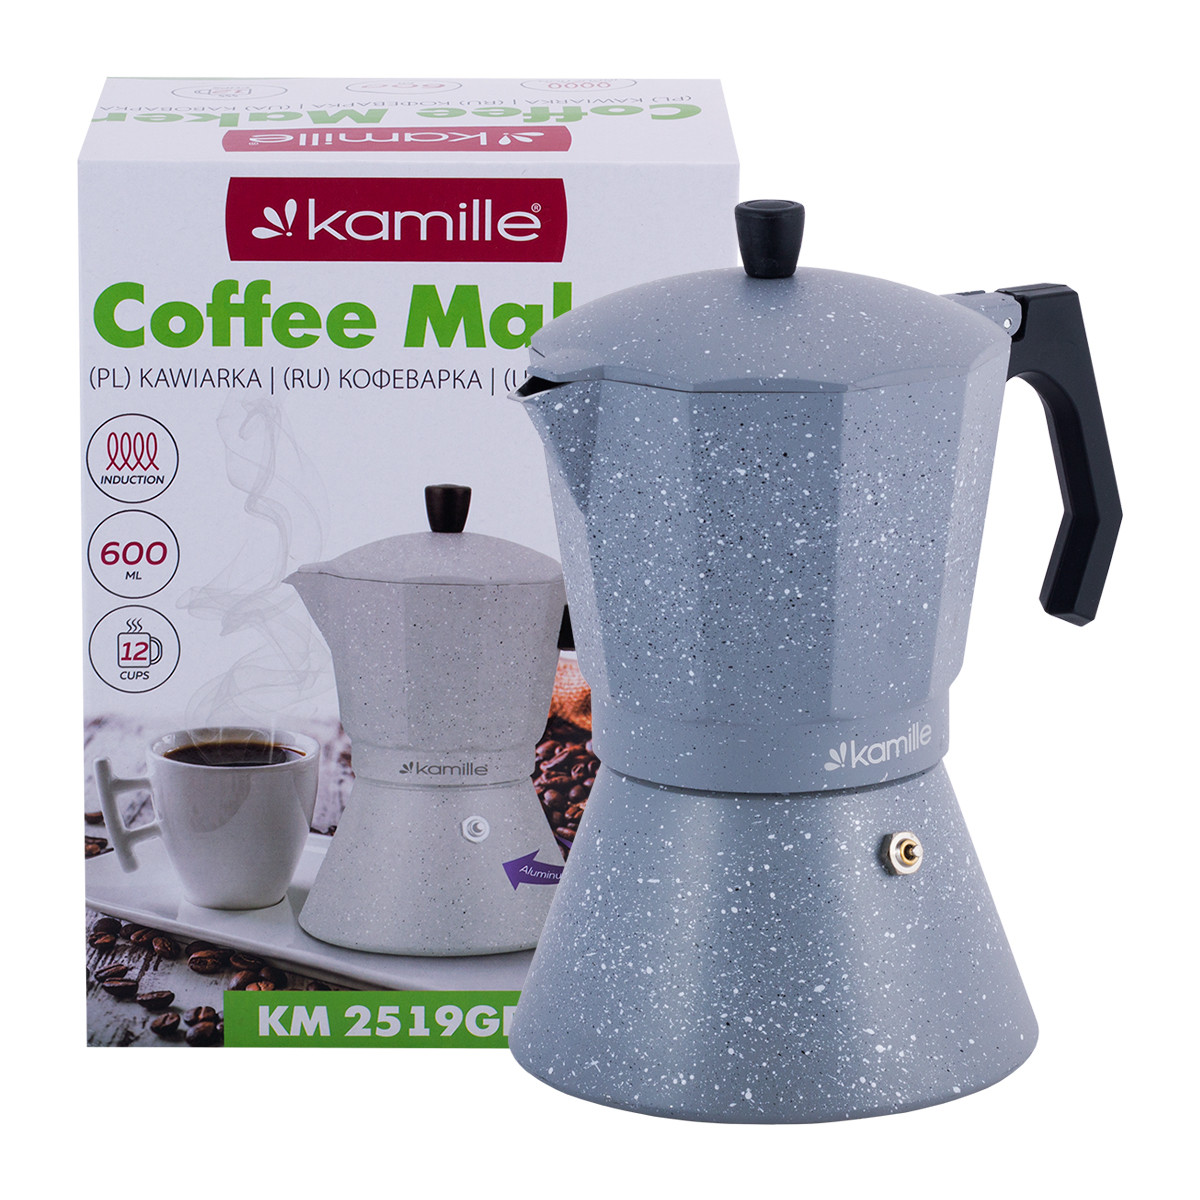 Кофеварка гейзерная Kamille Серый Мрамор 600мл из алюминия с широким индукционным дном KM-2519GR